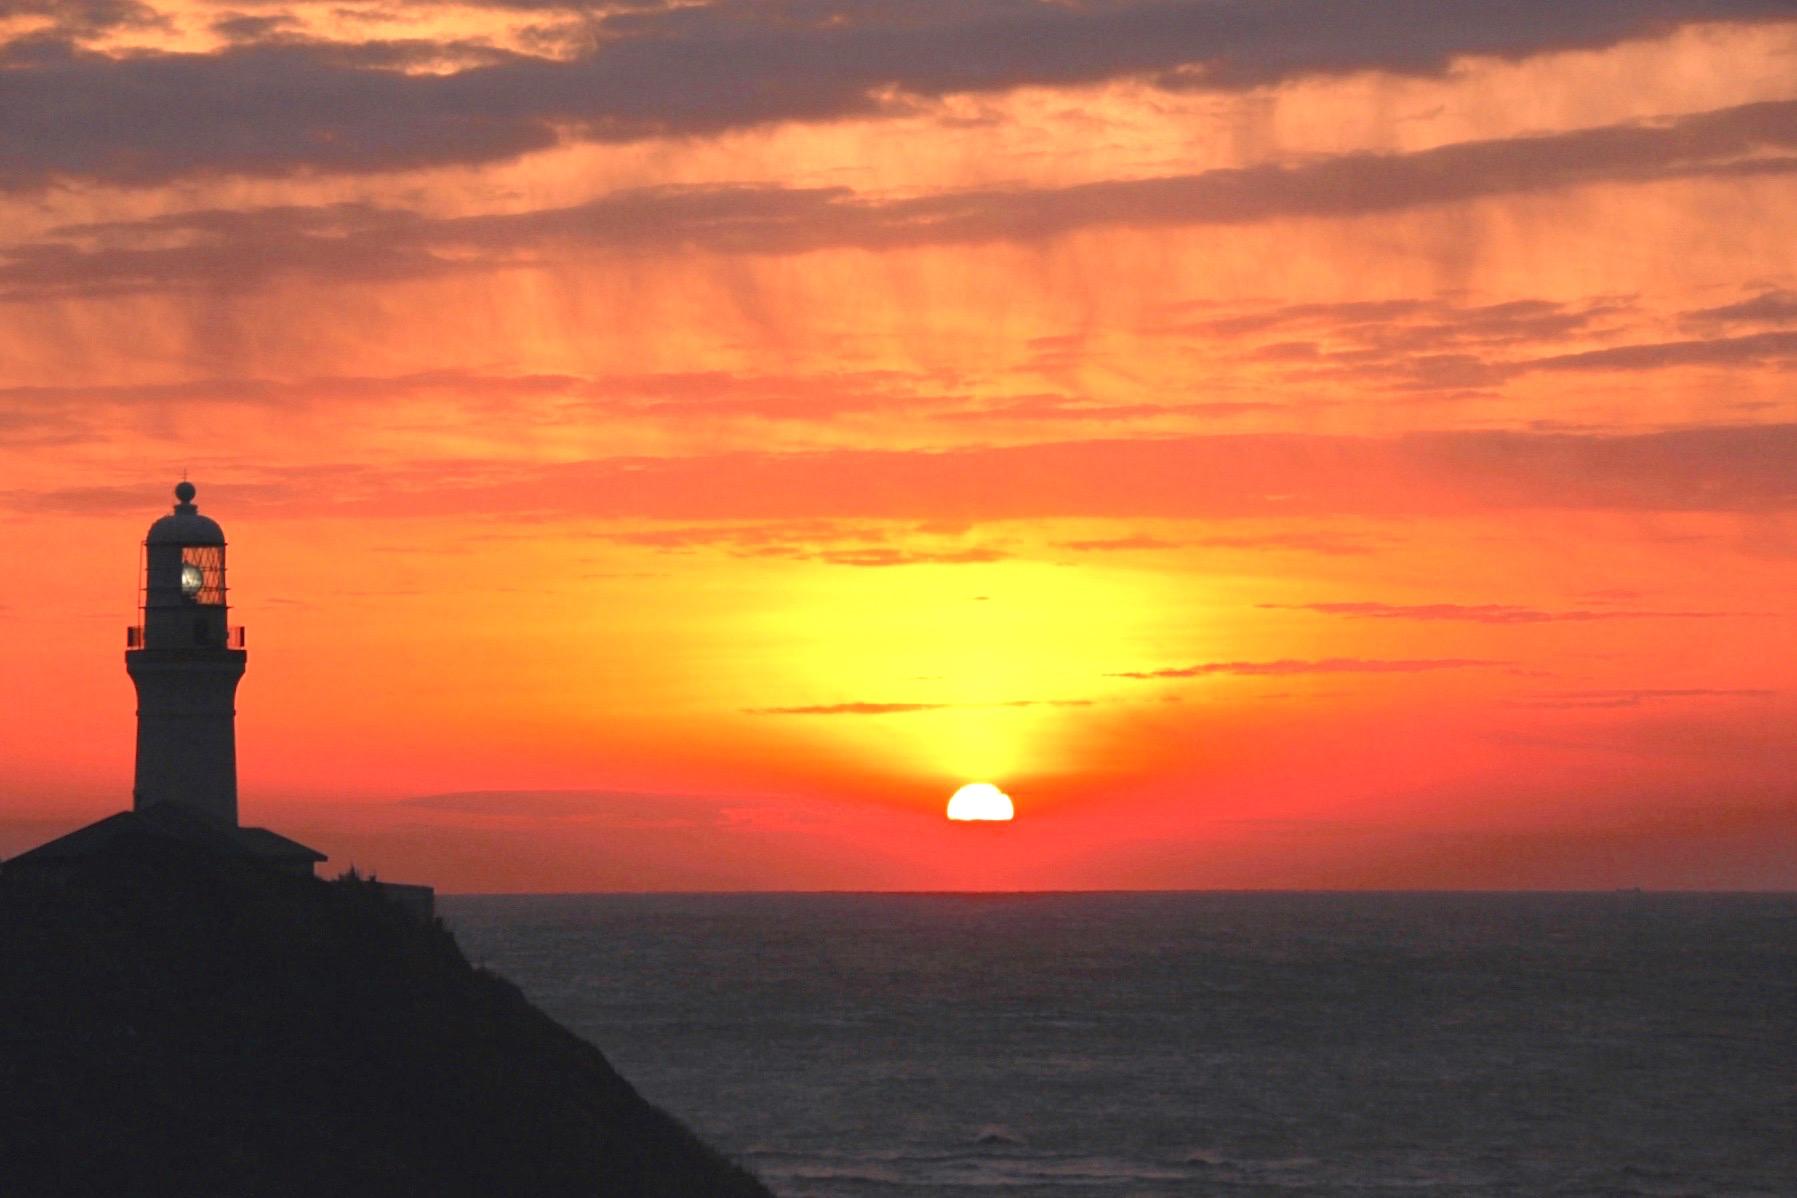 御前埼灯台を赤く染めての初日の出